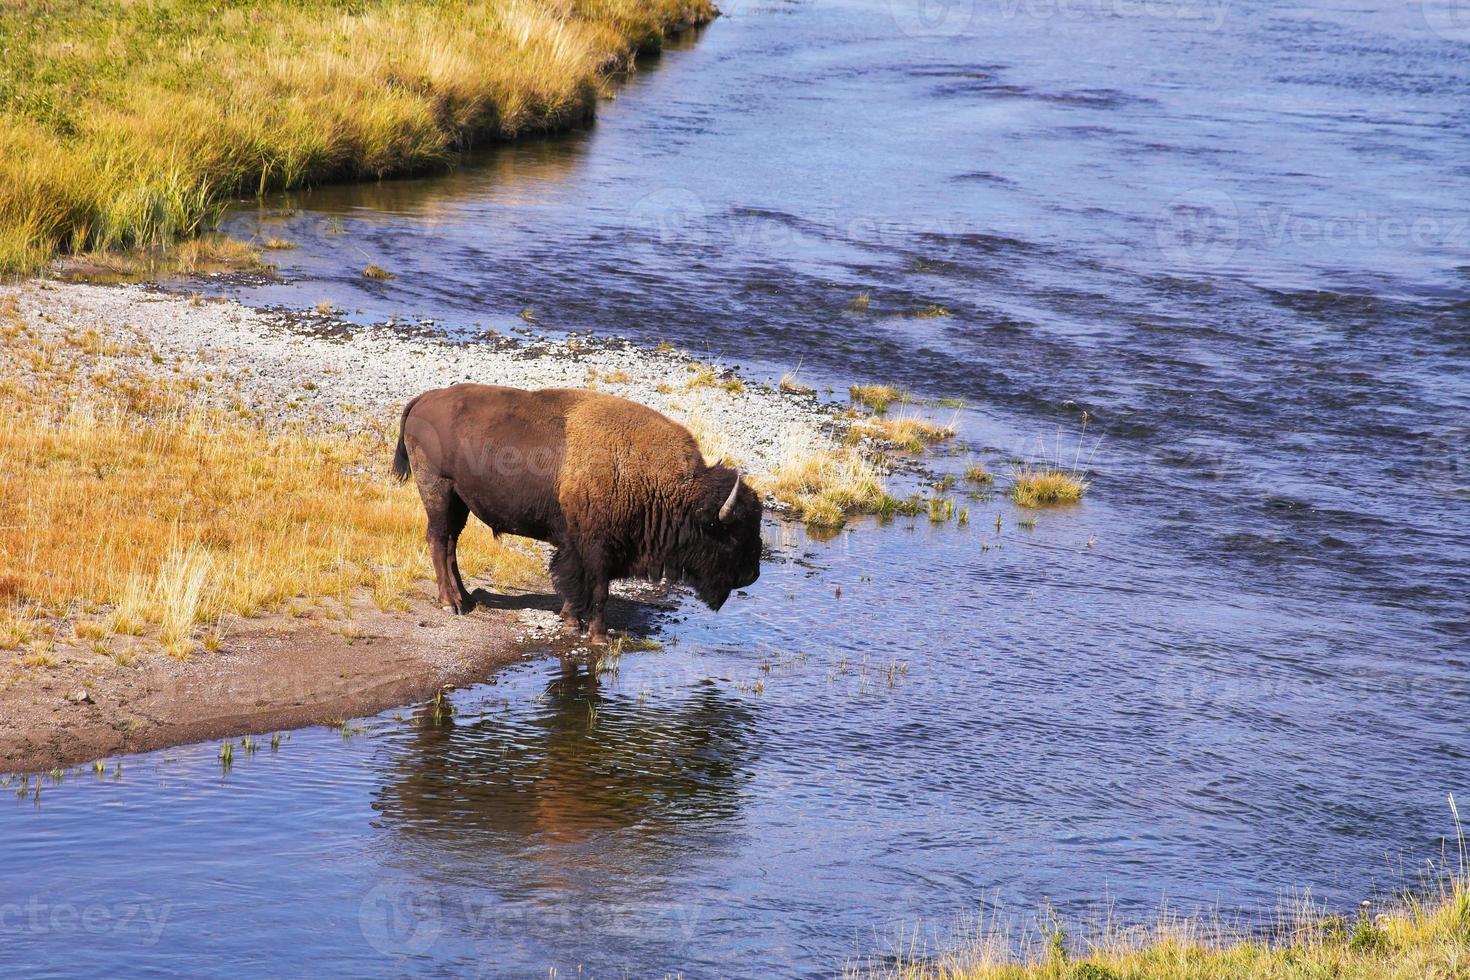 Der Bison trinkt Wasser foto